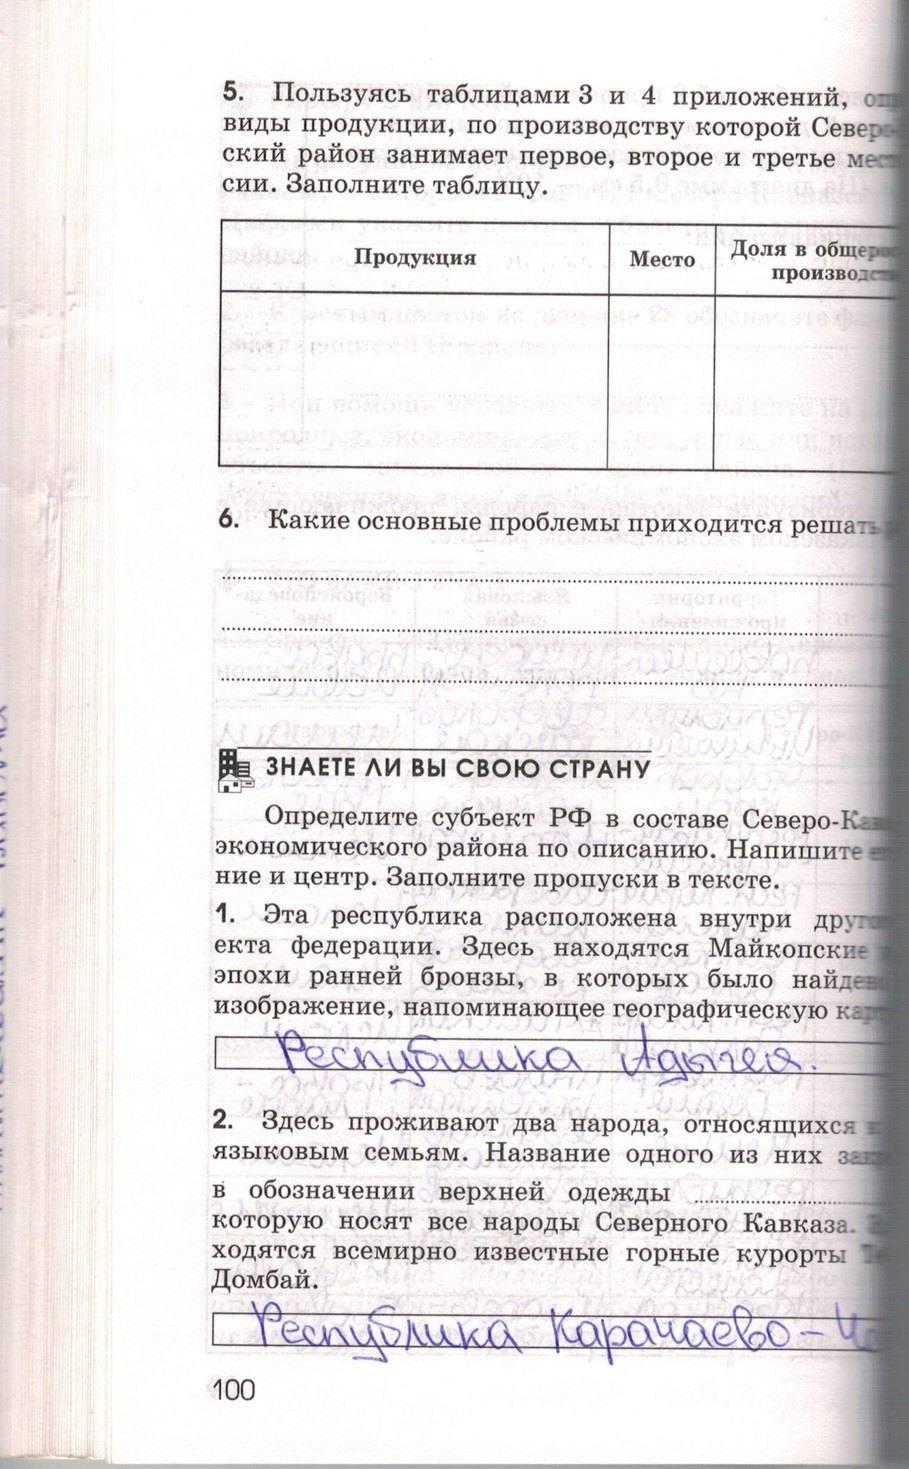 Решебник по географии 9 класс рабочая тетрадь марченко ответы